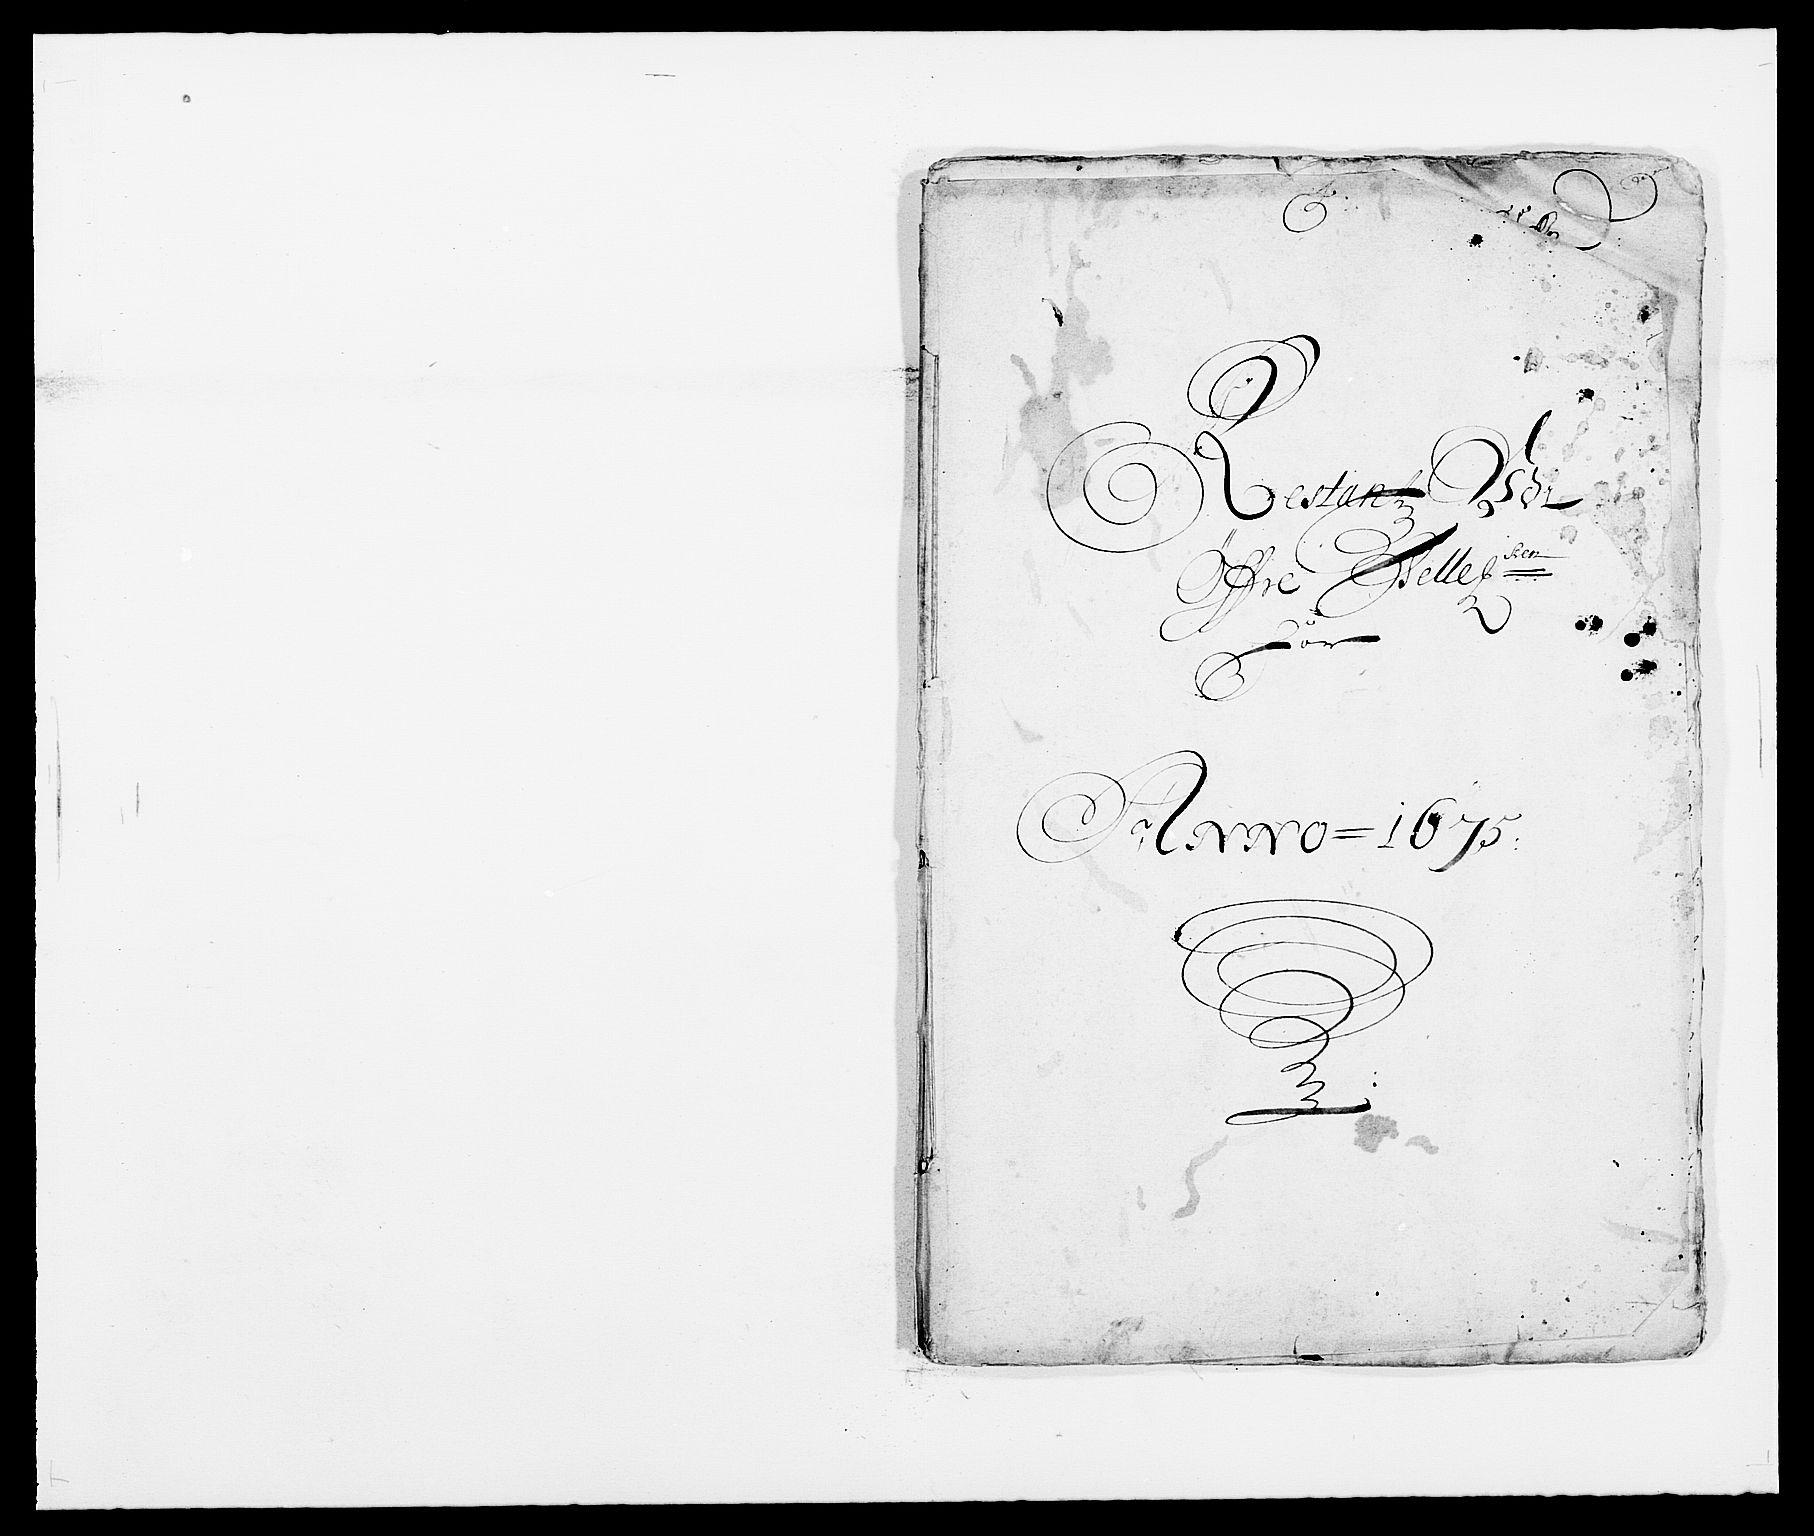 RA, Rentekammeret inntil 1814, Reviderte regnskaper, Fogderegnskap, R35/L2064: Fogderegnskap Øvre og Nedre Telemark, 1675, s. 229